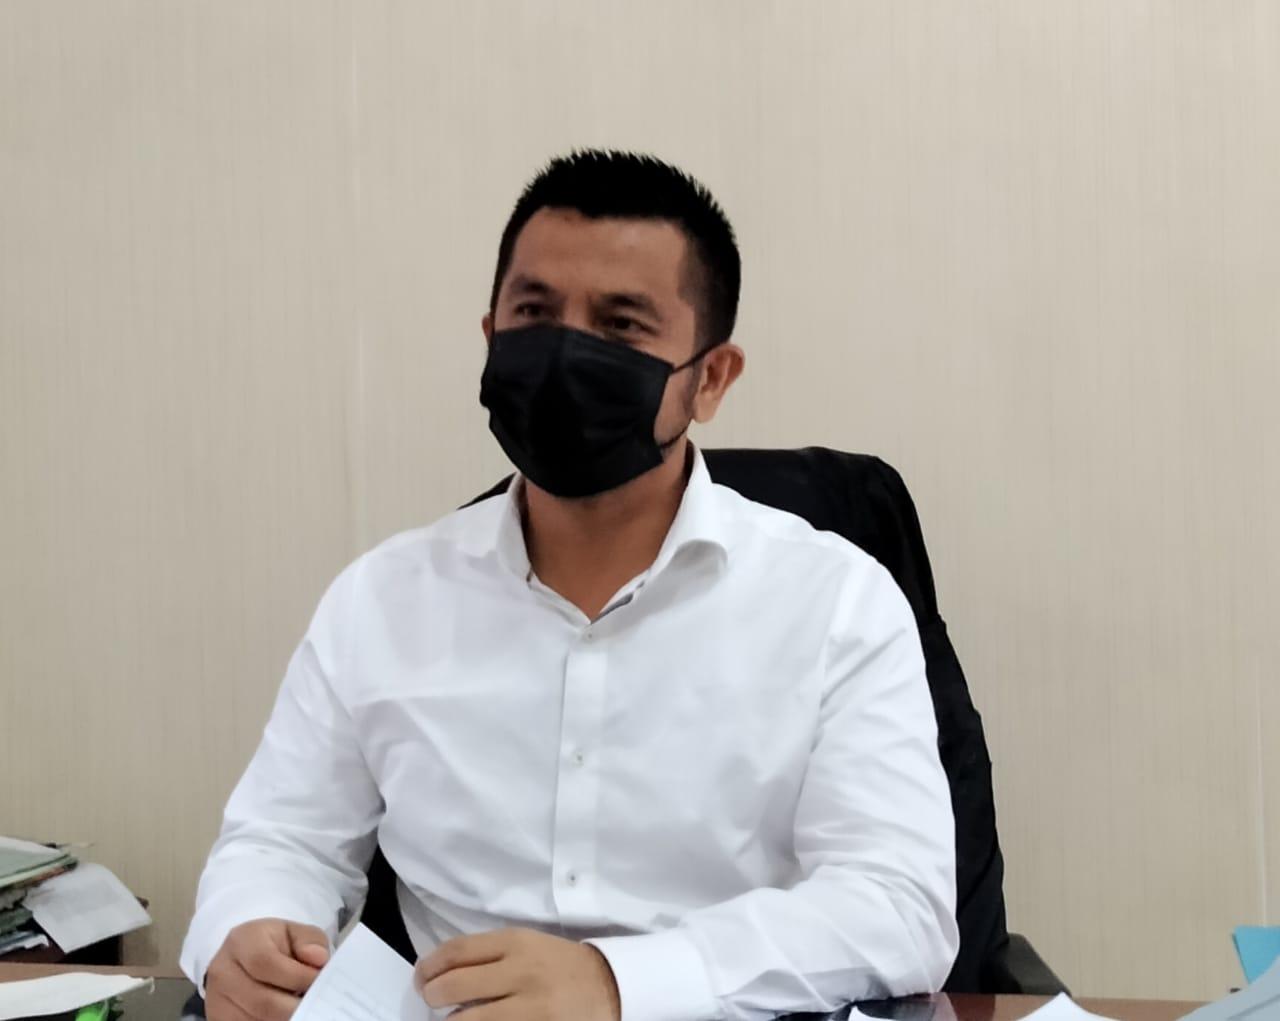 Kepala Dinas Komunikasi dan Informatika Kabupaten Dairi, Rahmatsyah Munthe